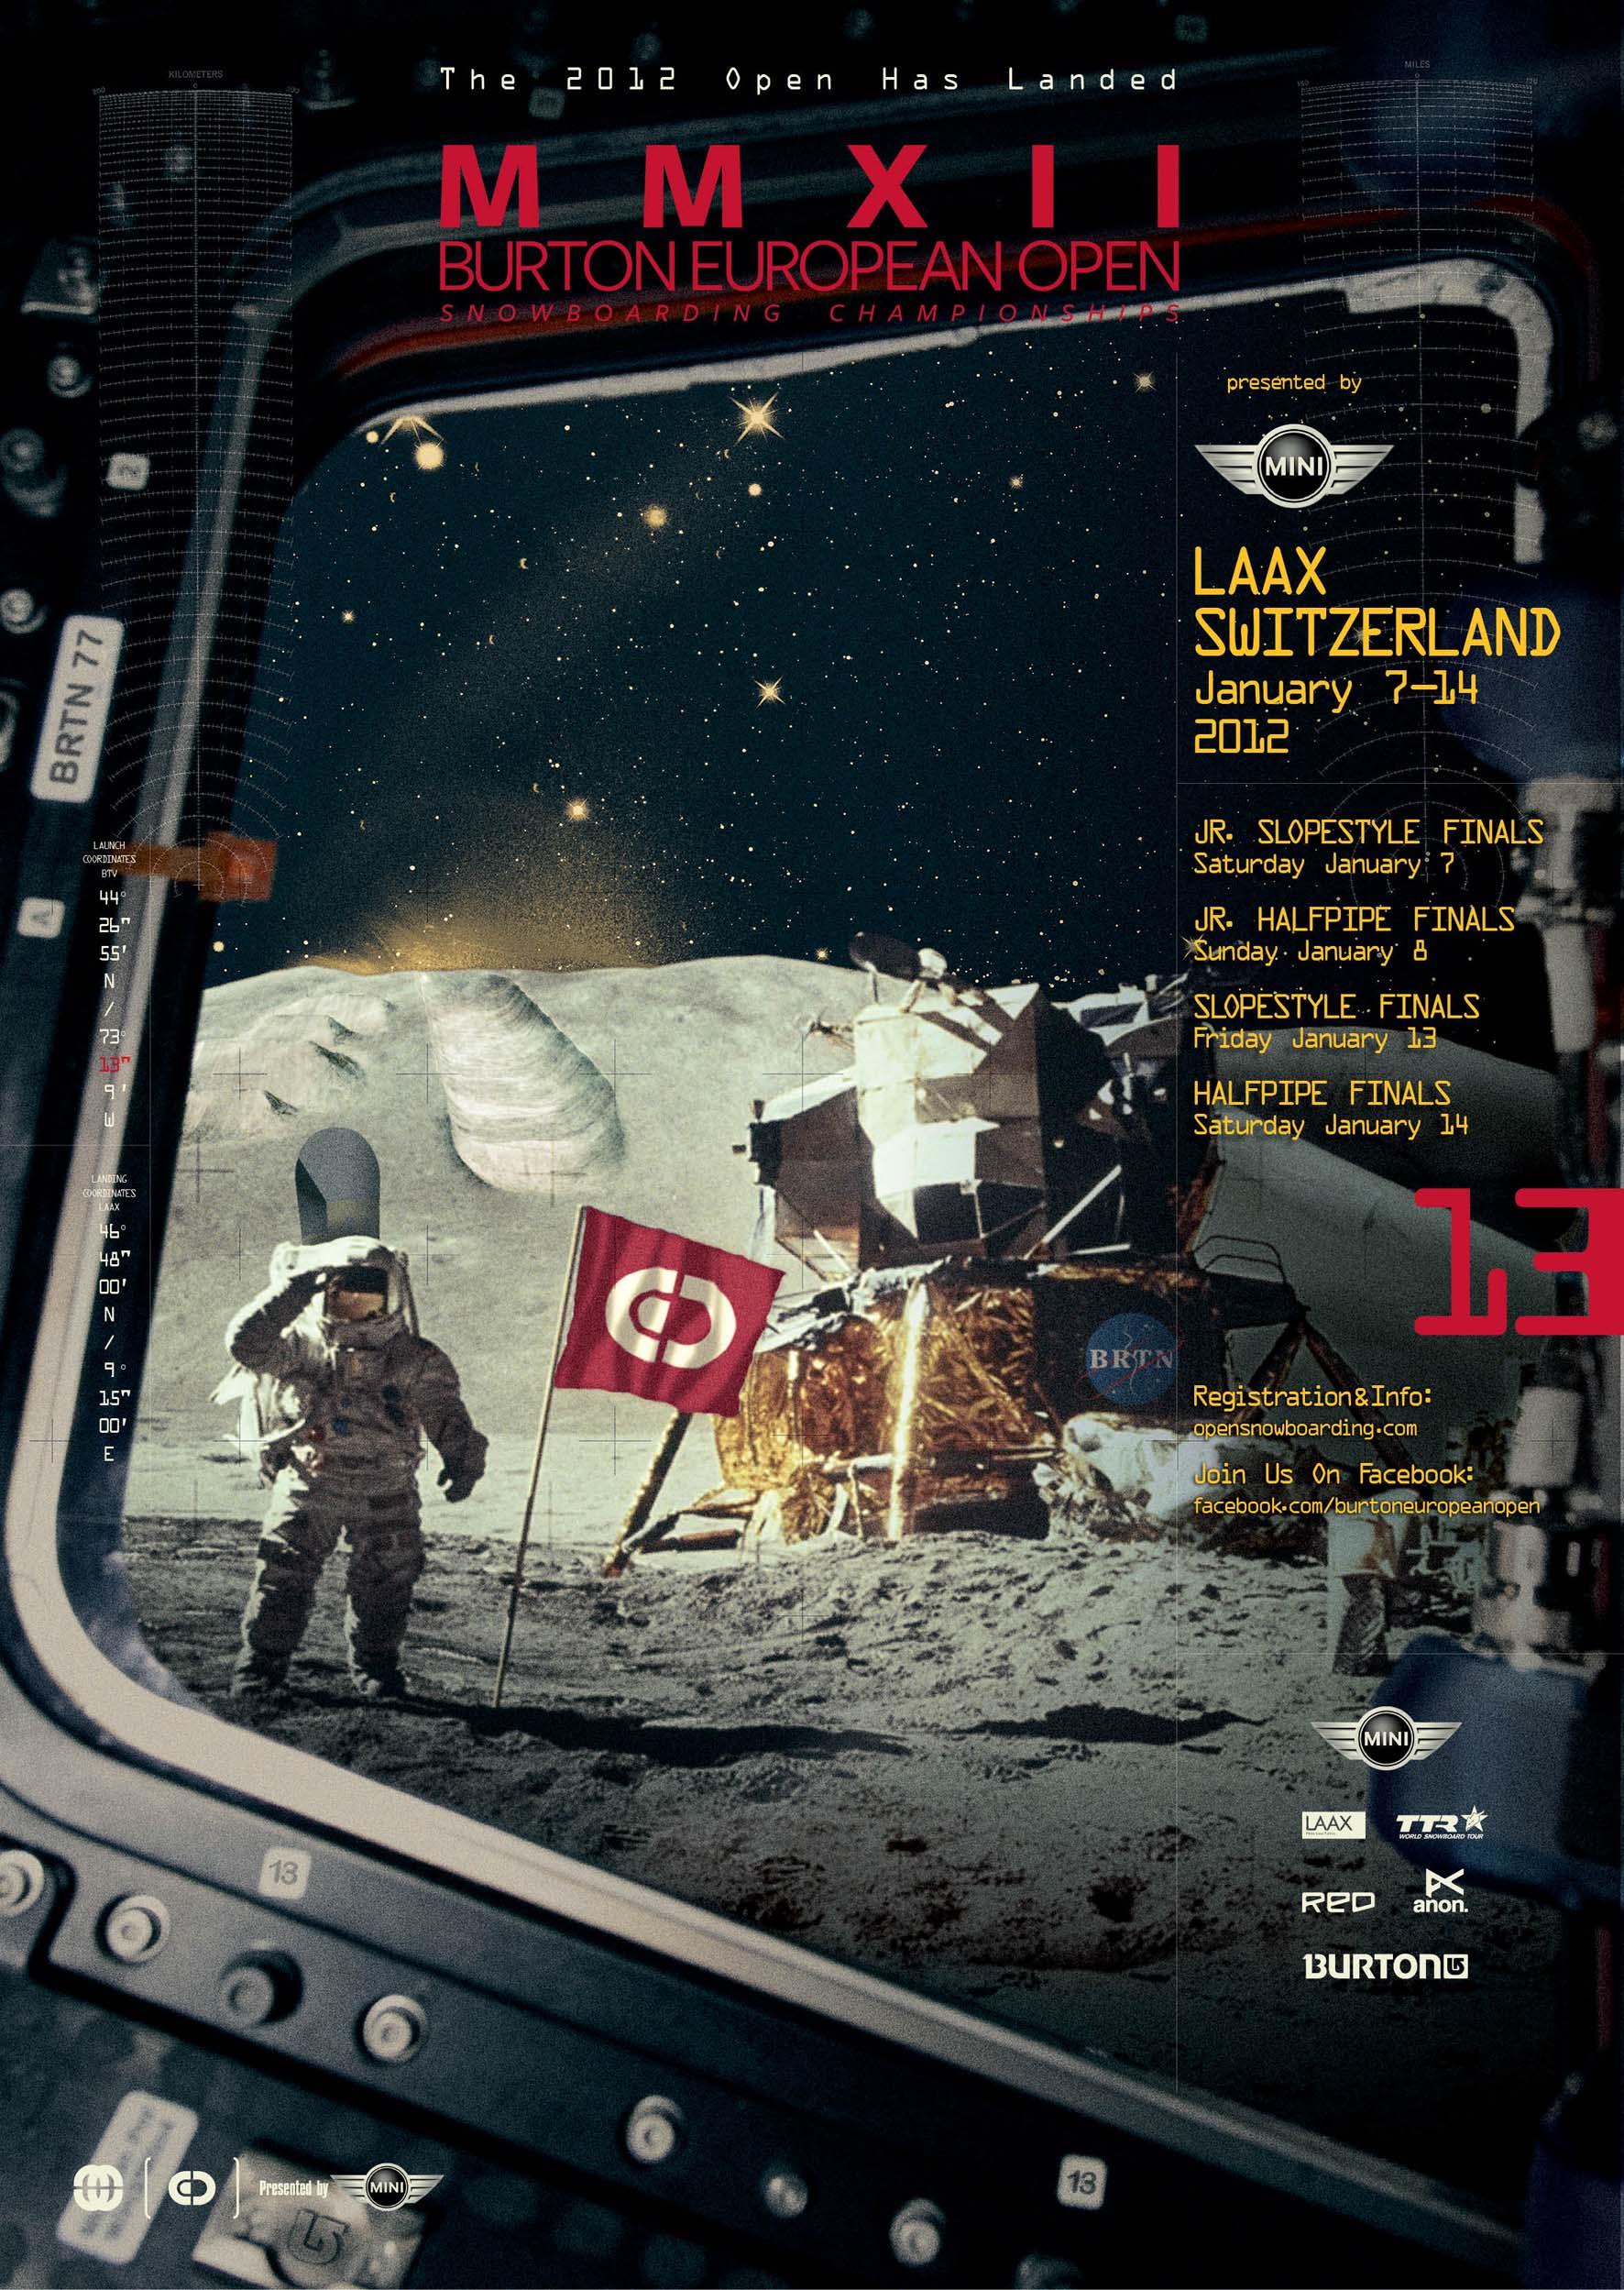 Burton European Open 2012 Outer Space